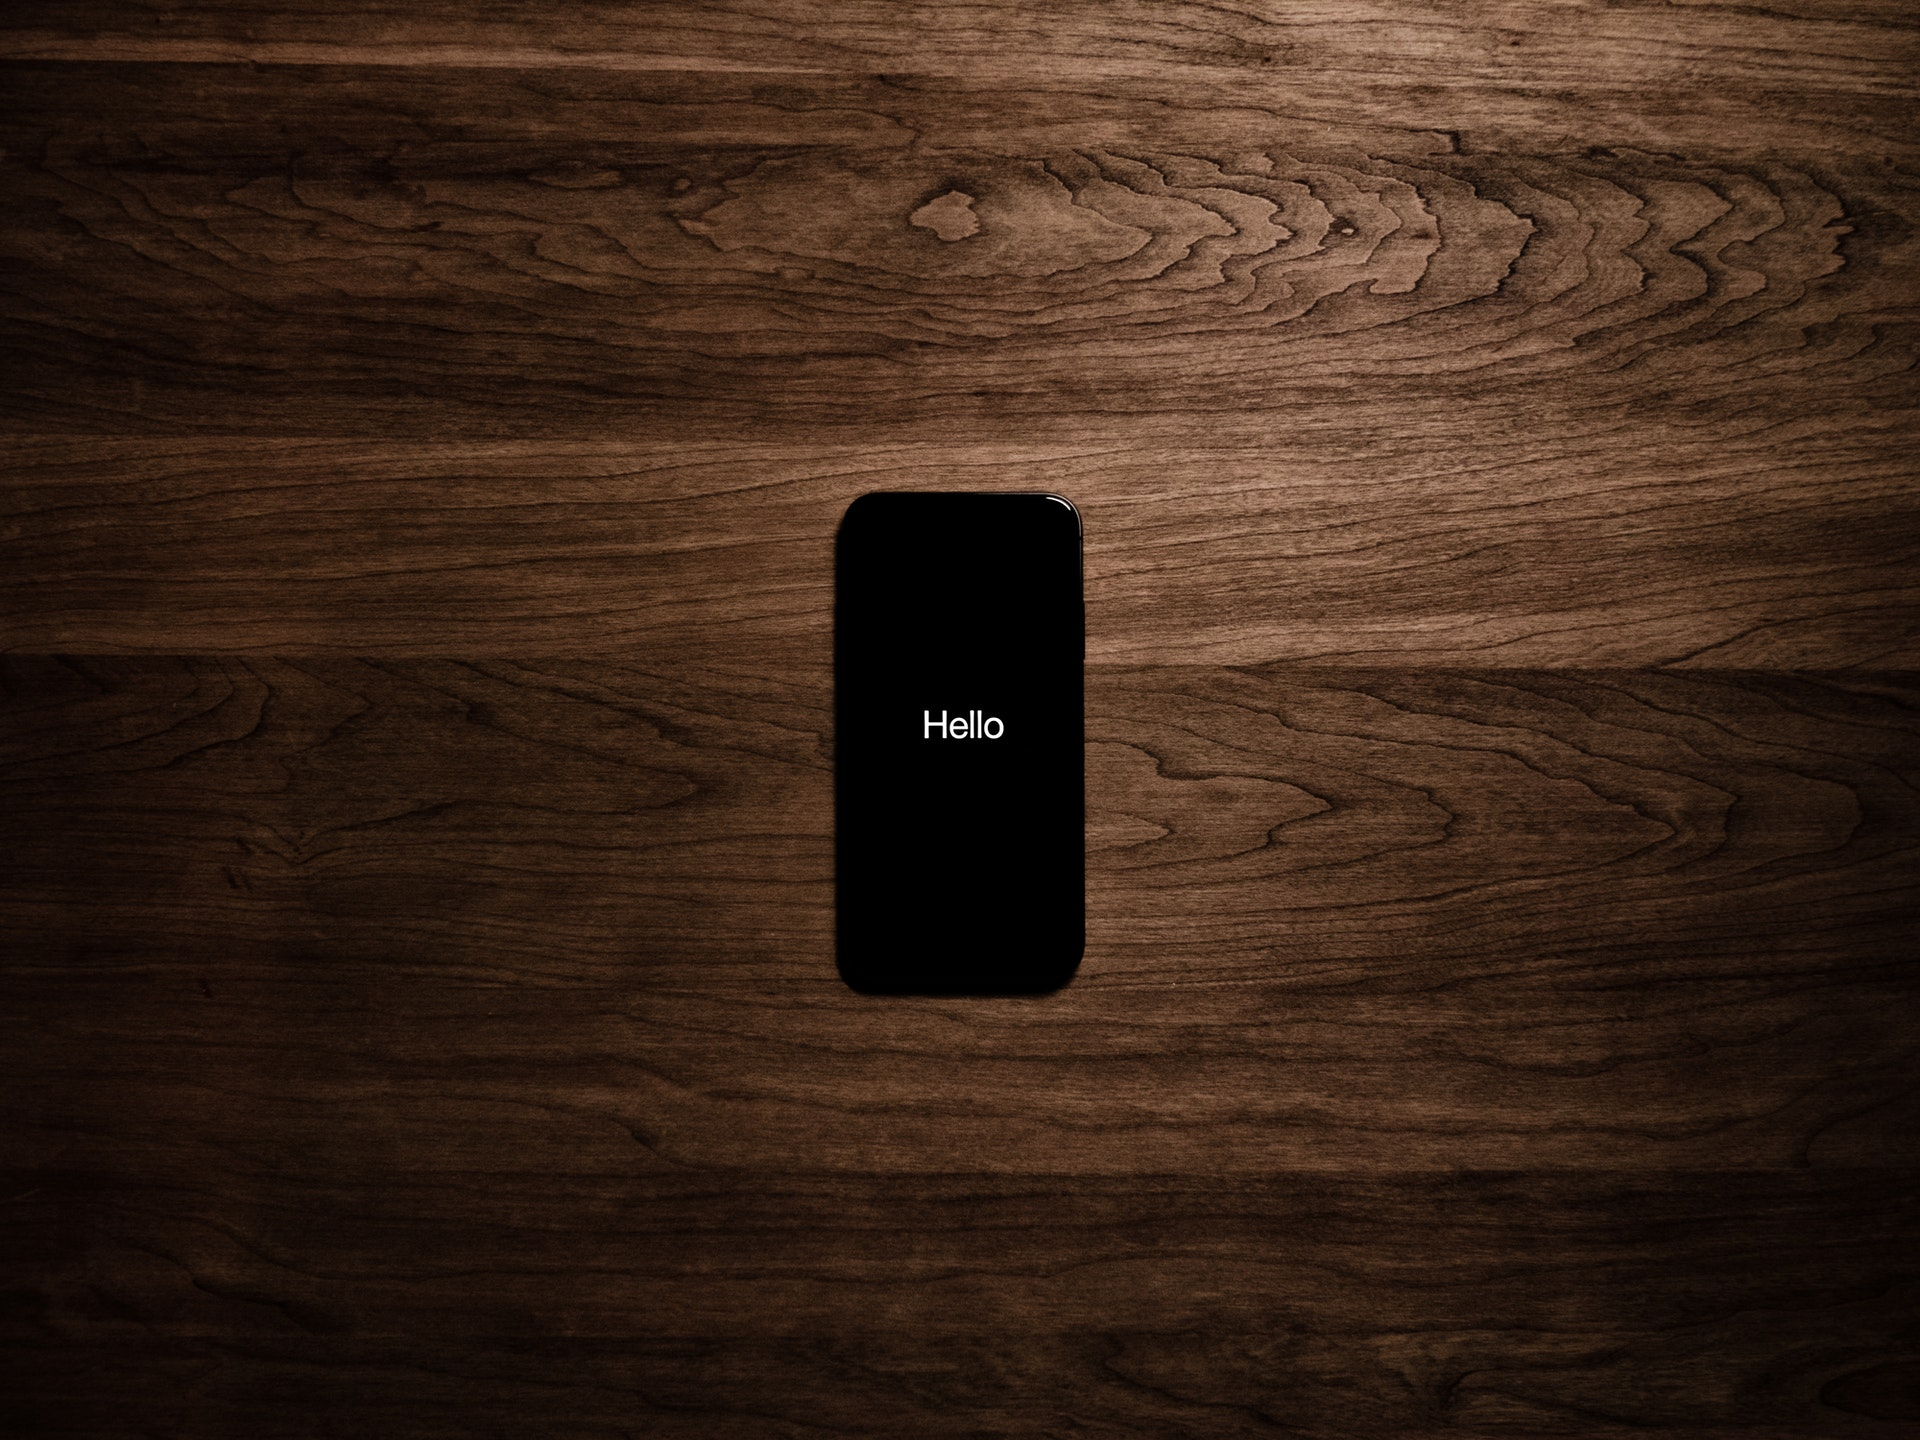 机の上に置かれたスマートフォン